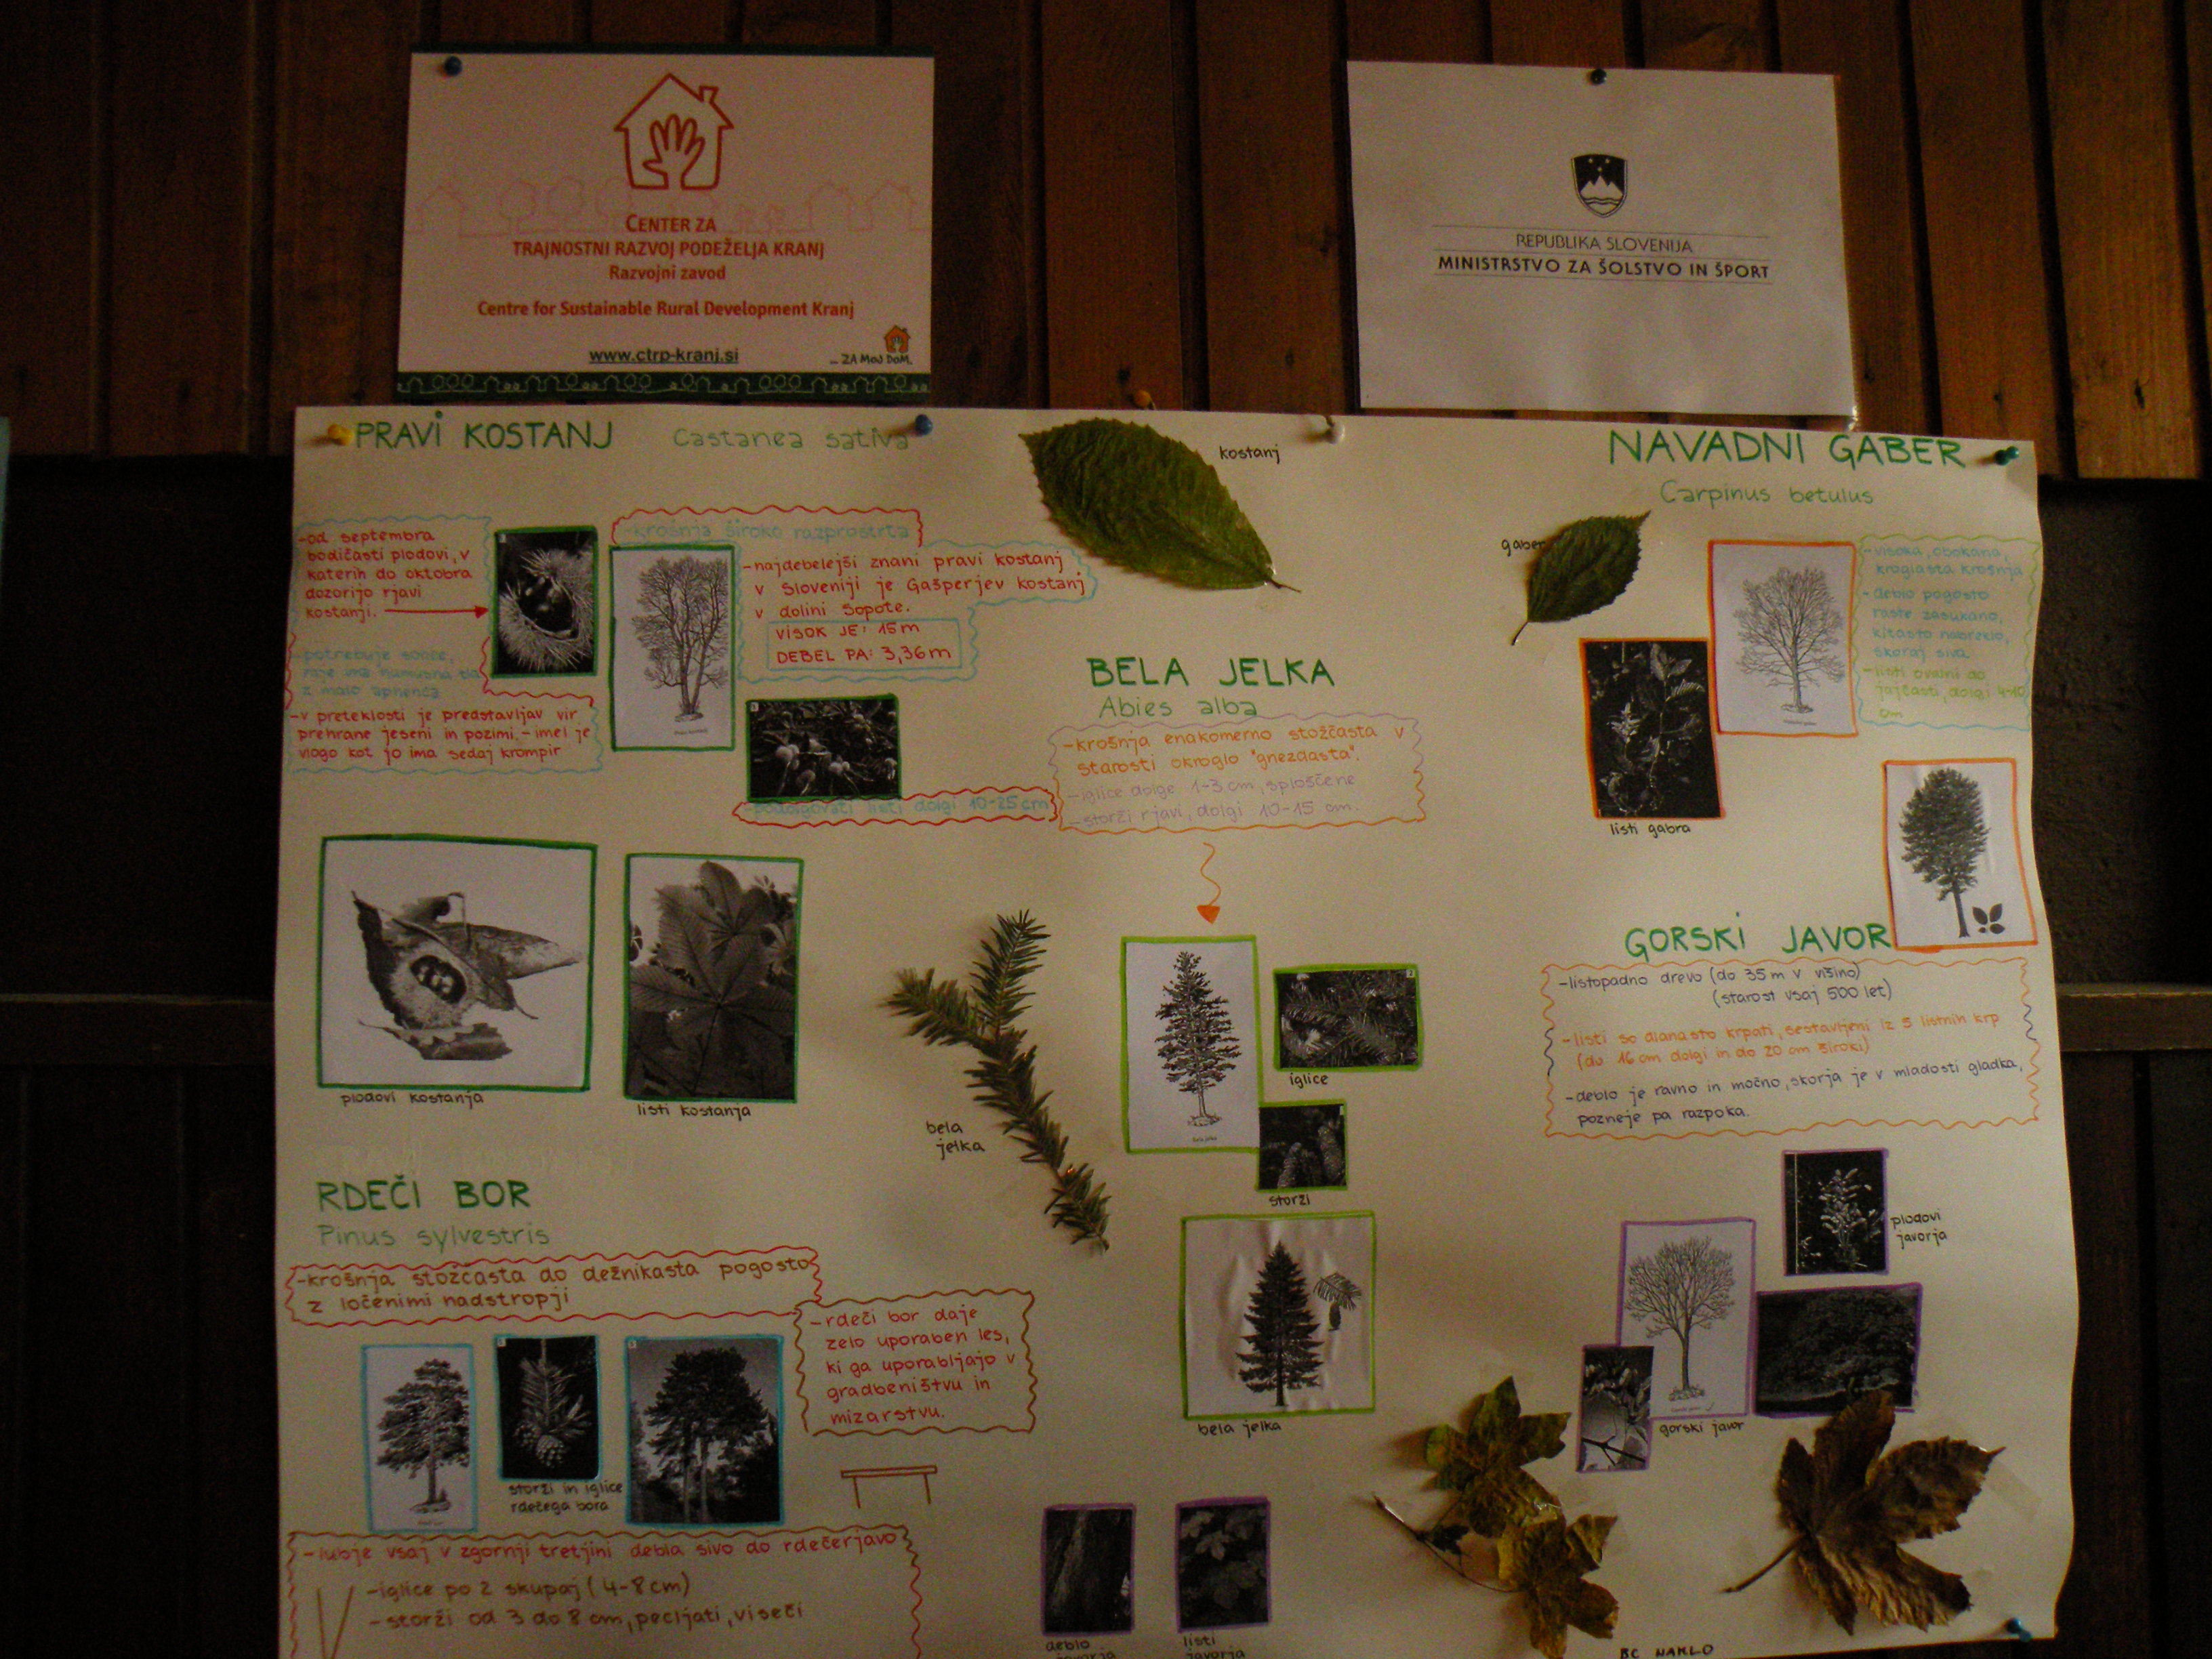 Les in kulturna dediščina – ohranjanje tradicije poslikave lesa – praktična delavnica, Kranj 13. in 14.11.2013